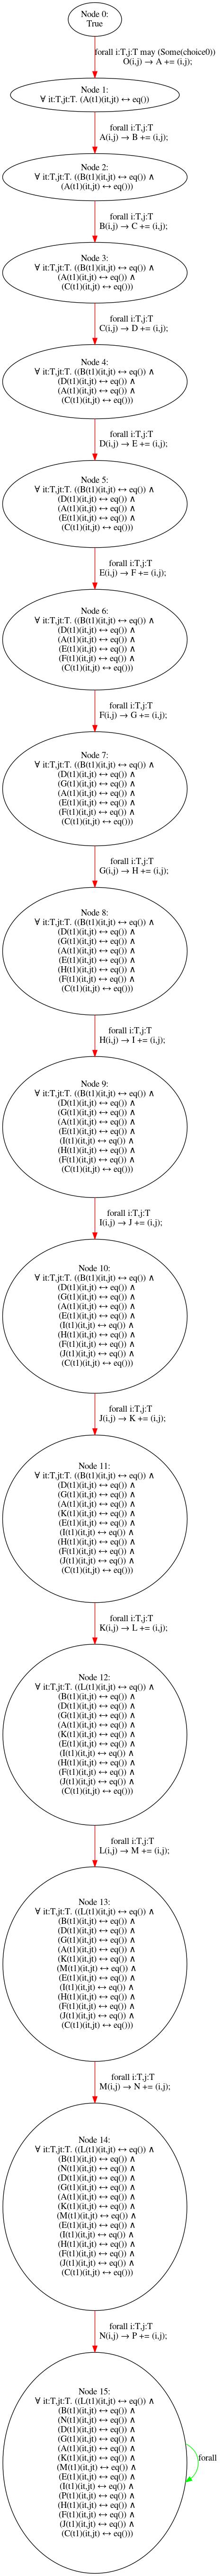 results/nonomitting/fixedarity15/fixedarity15_stubborn_alleq_1.png